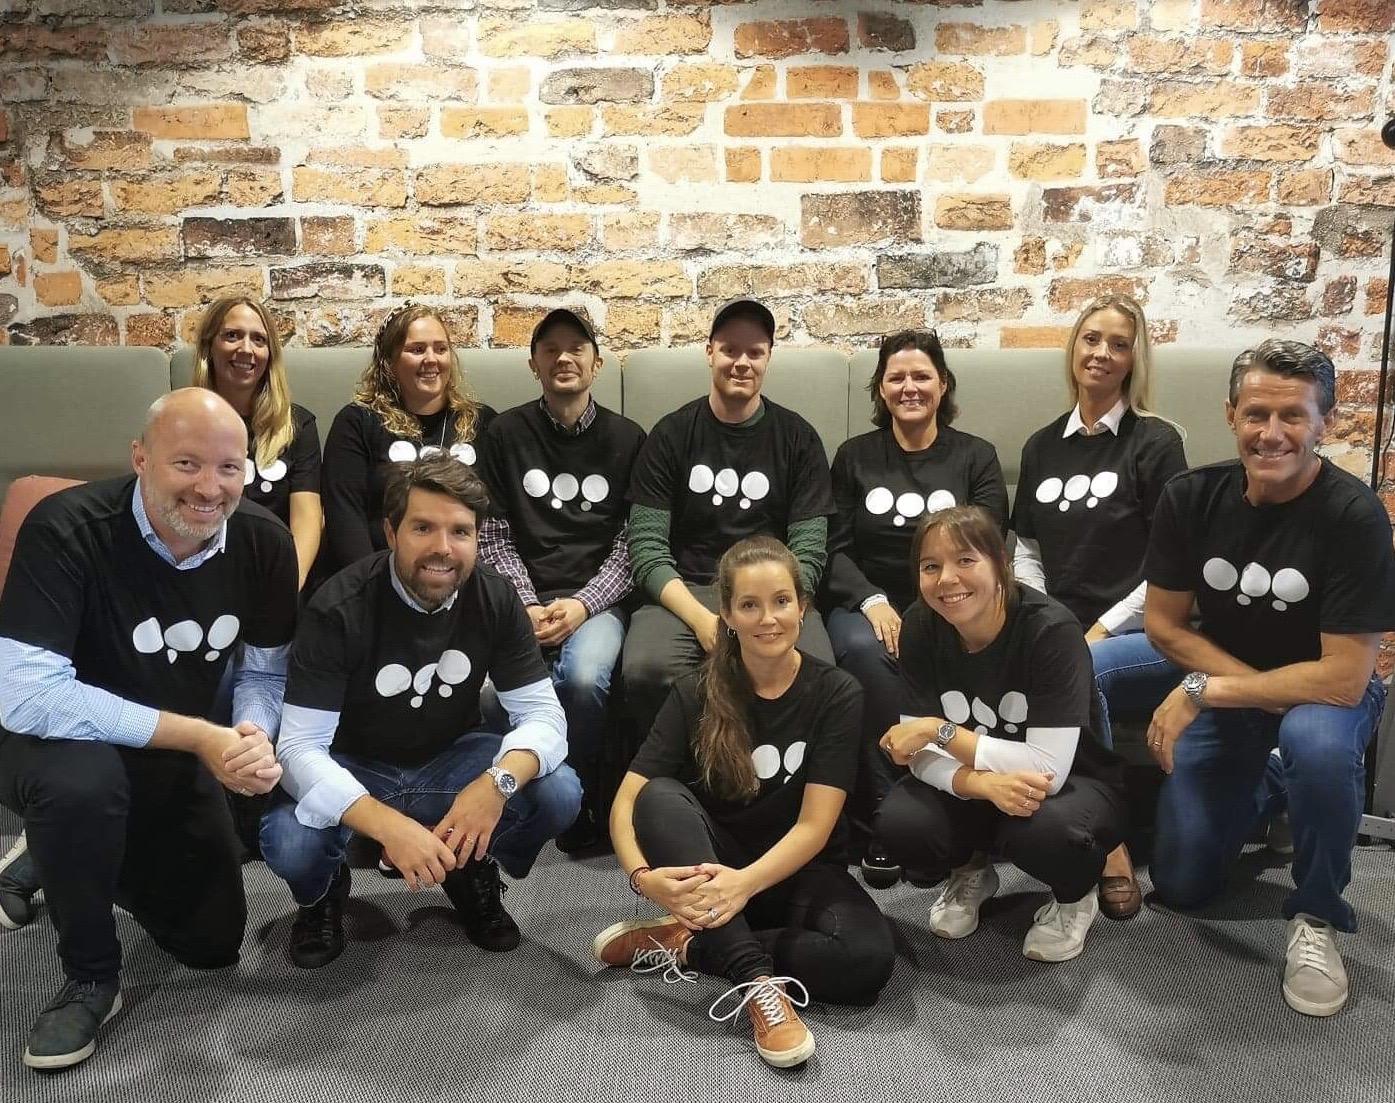 Gruppebilde av styringsgruppen til Innovasjonsuken OPP